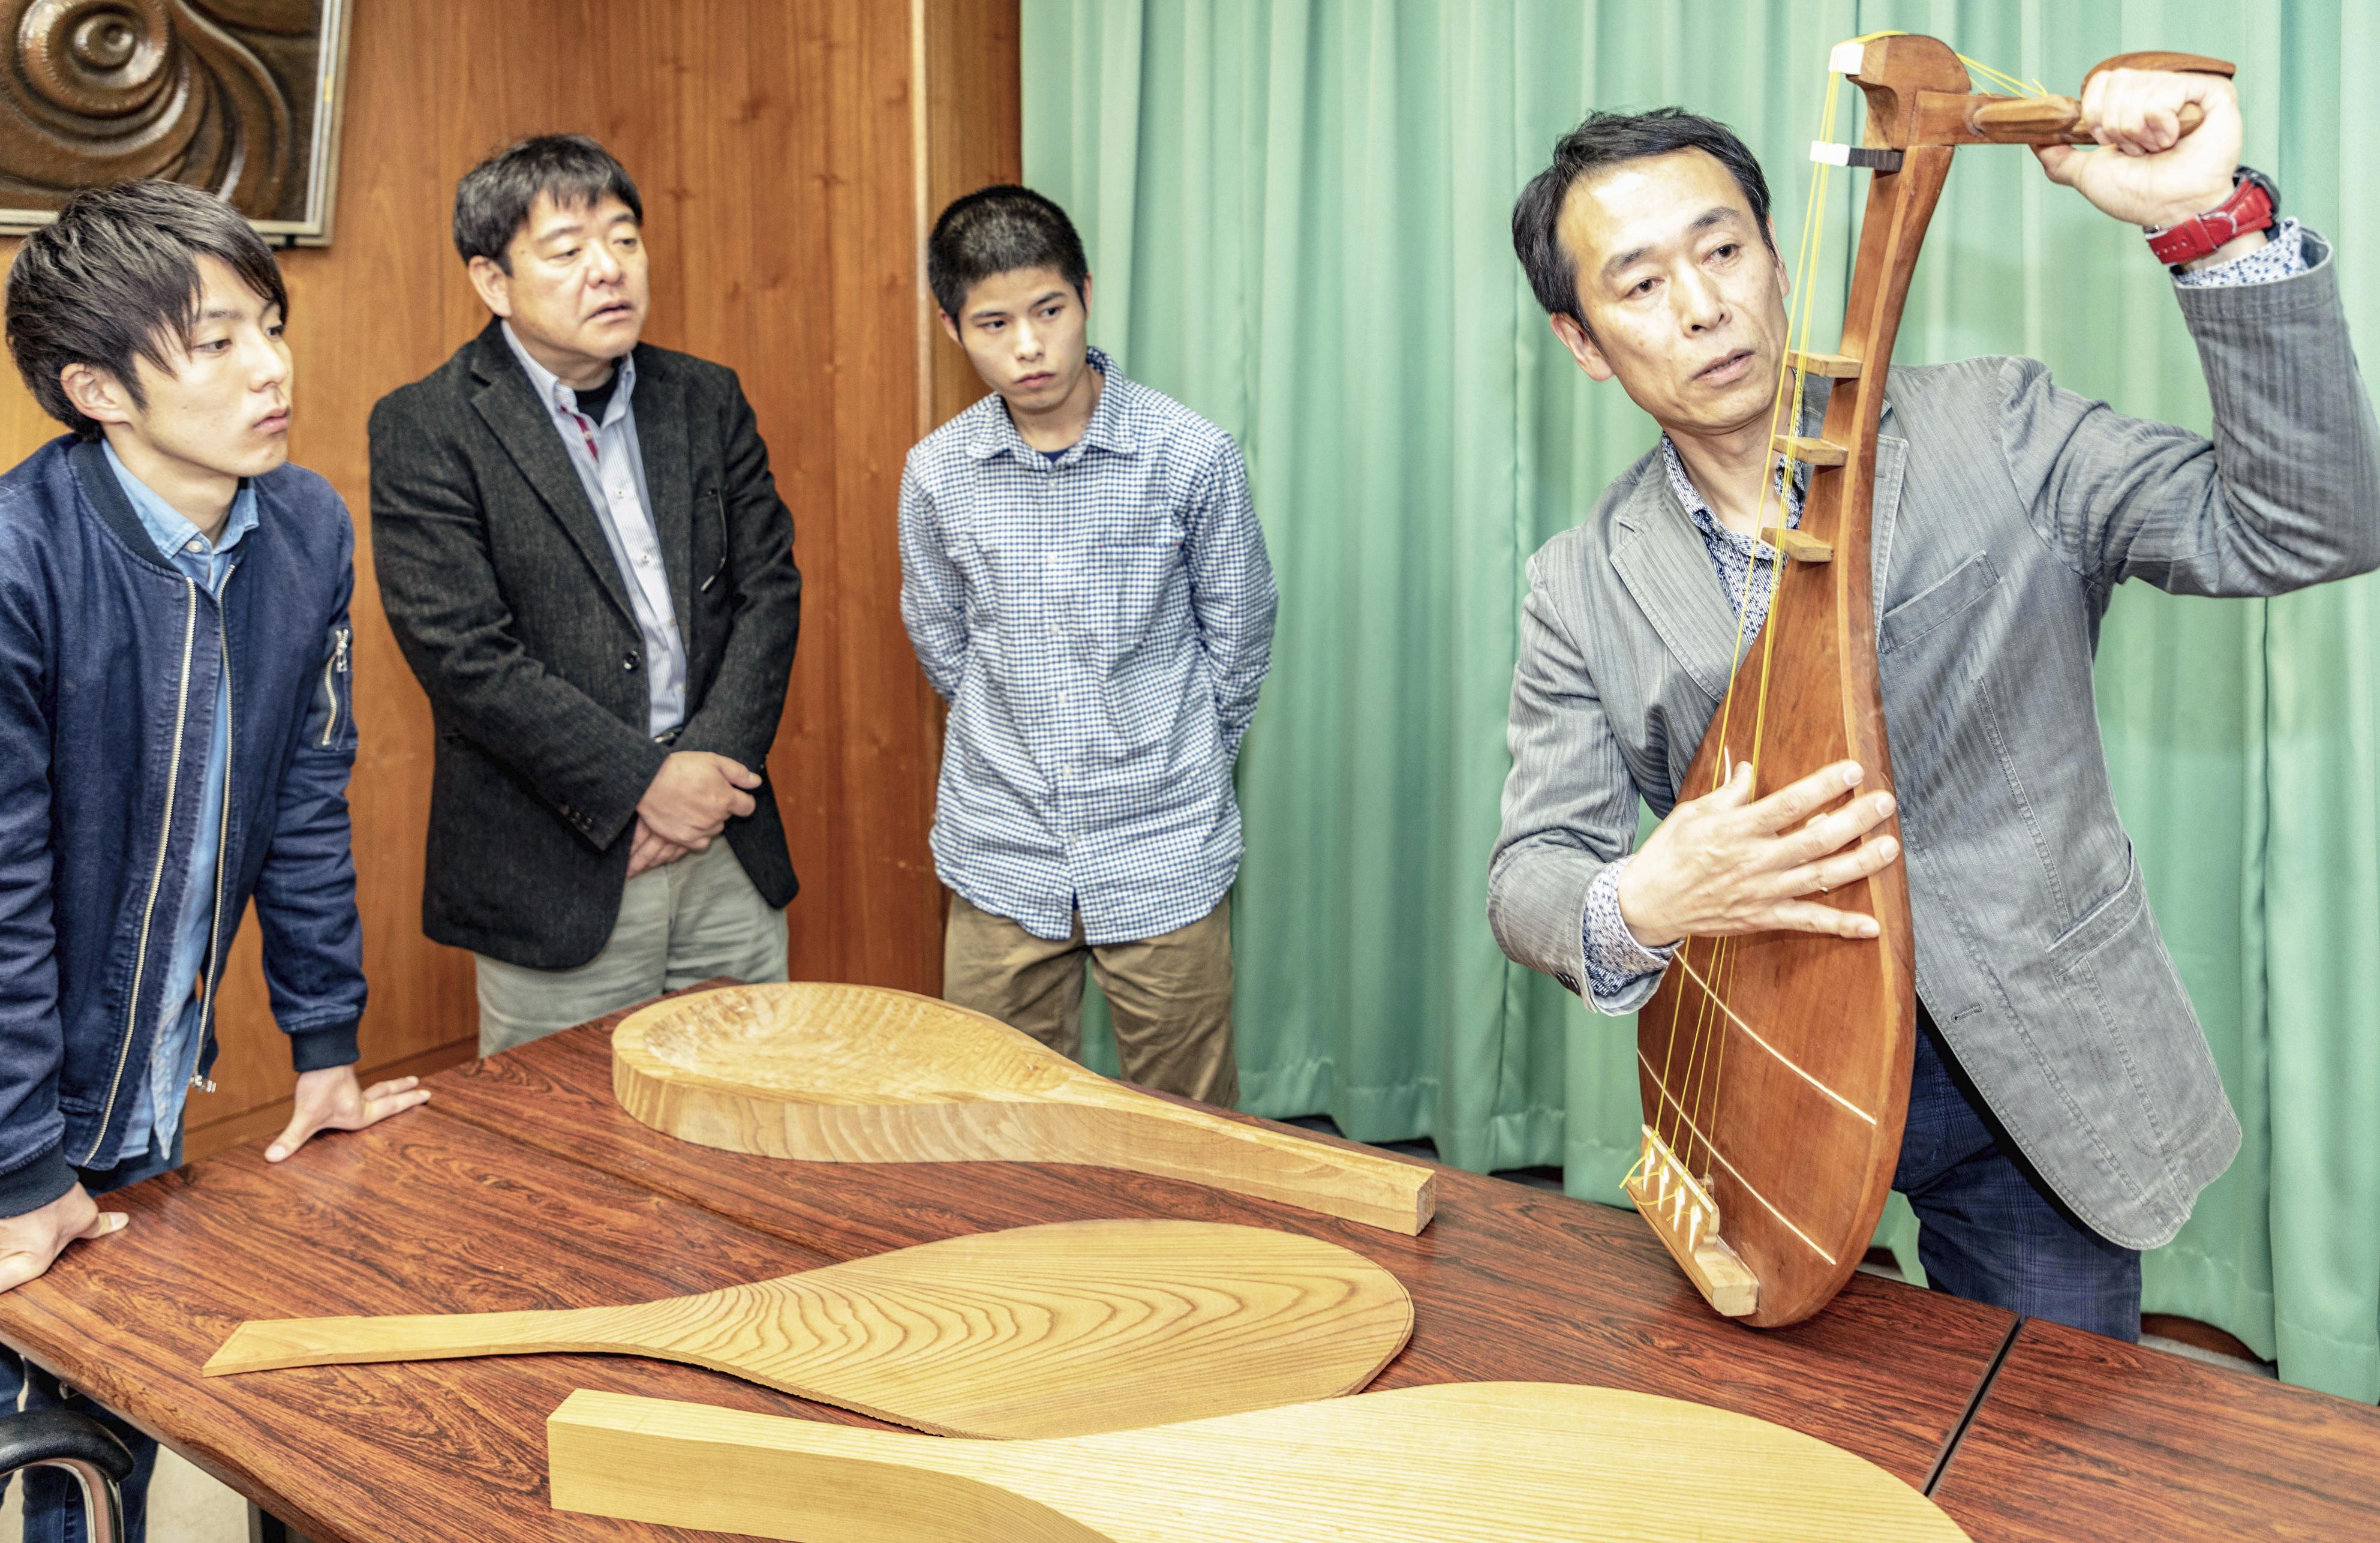 恵谷林太郎(中央右)が2年がかりで製作した琵琶を手に、指導する石田克佳。担当教授らも熱心に聞き入った=鹿児島市の鹿児島大